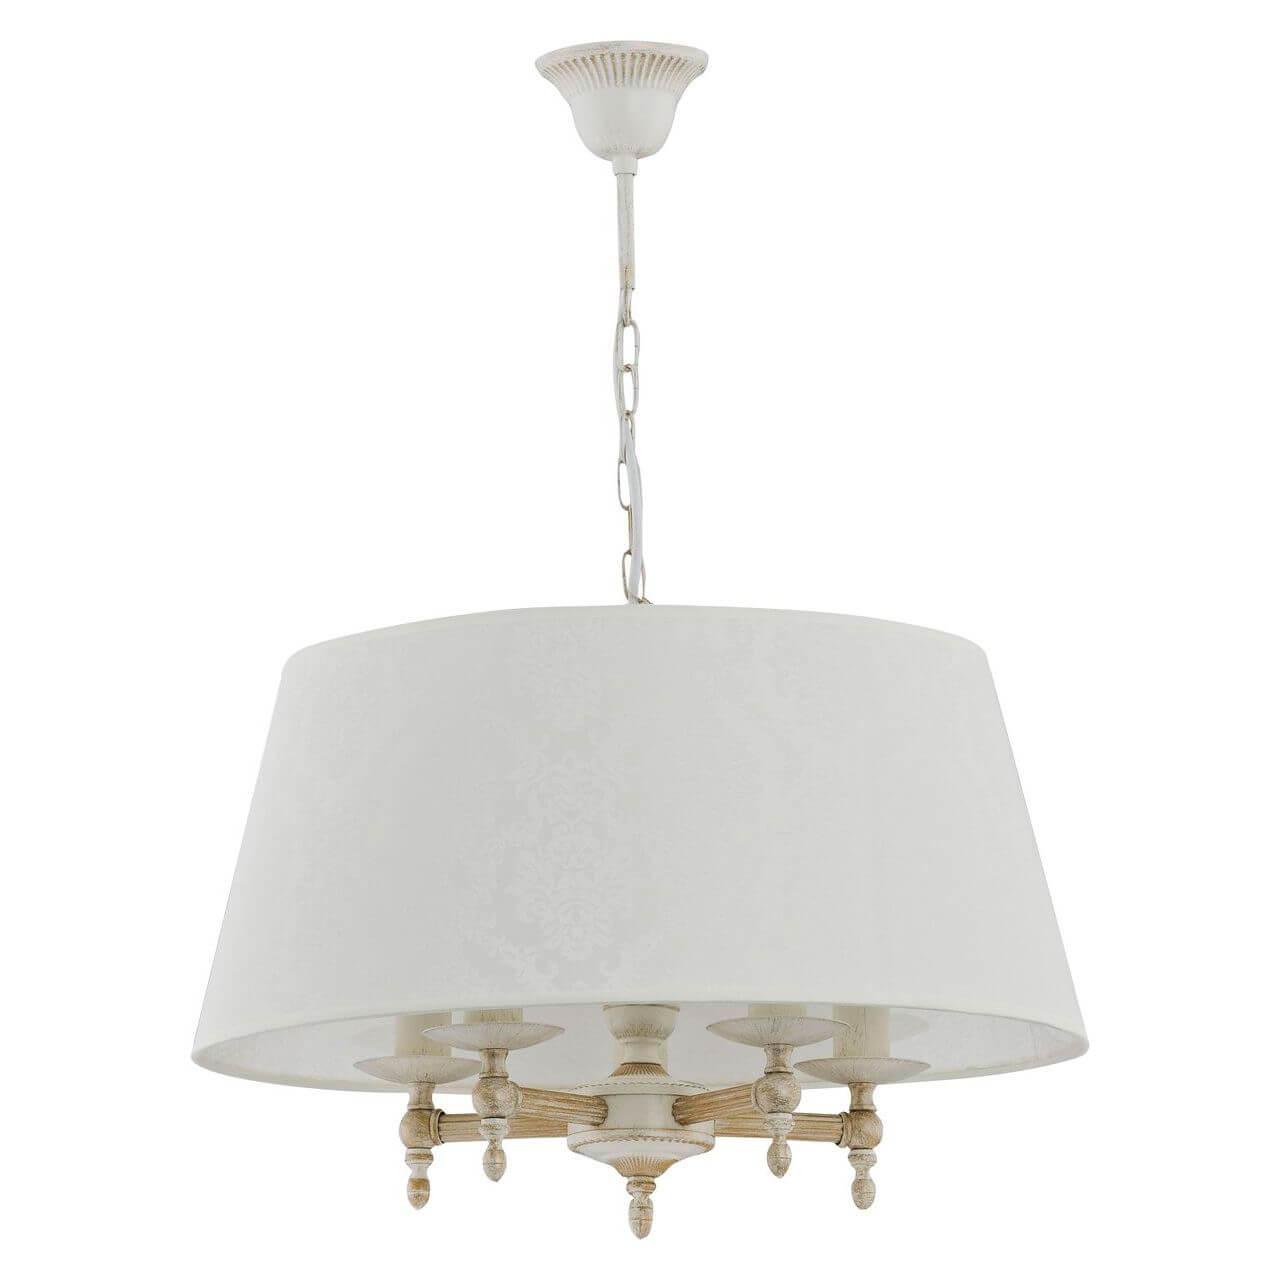 цена на Подвесной светильник Alfa 18536, E14, 40 Вт